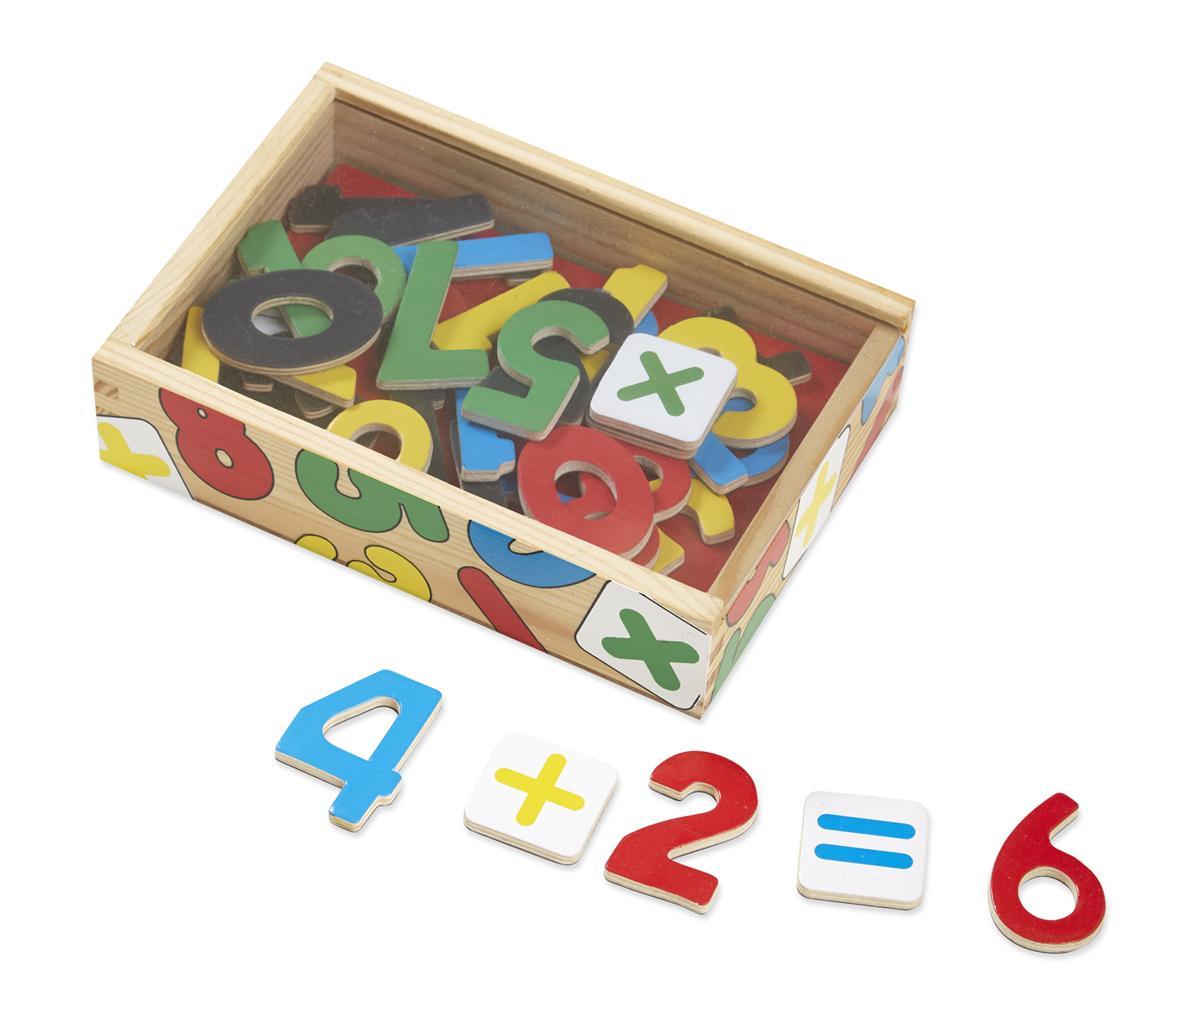 แม่เหล็กตัวเลขหรรษา Melissa and doug Magnetic Wooden Numbers